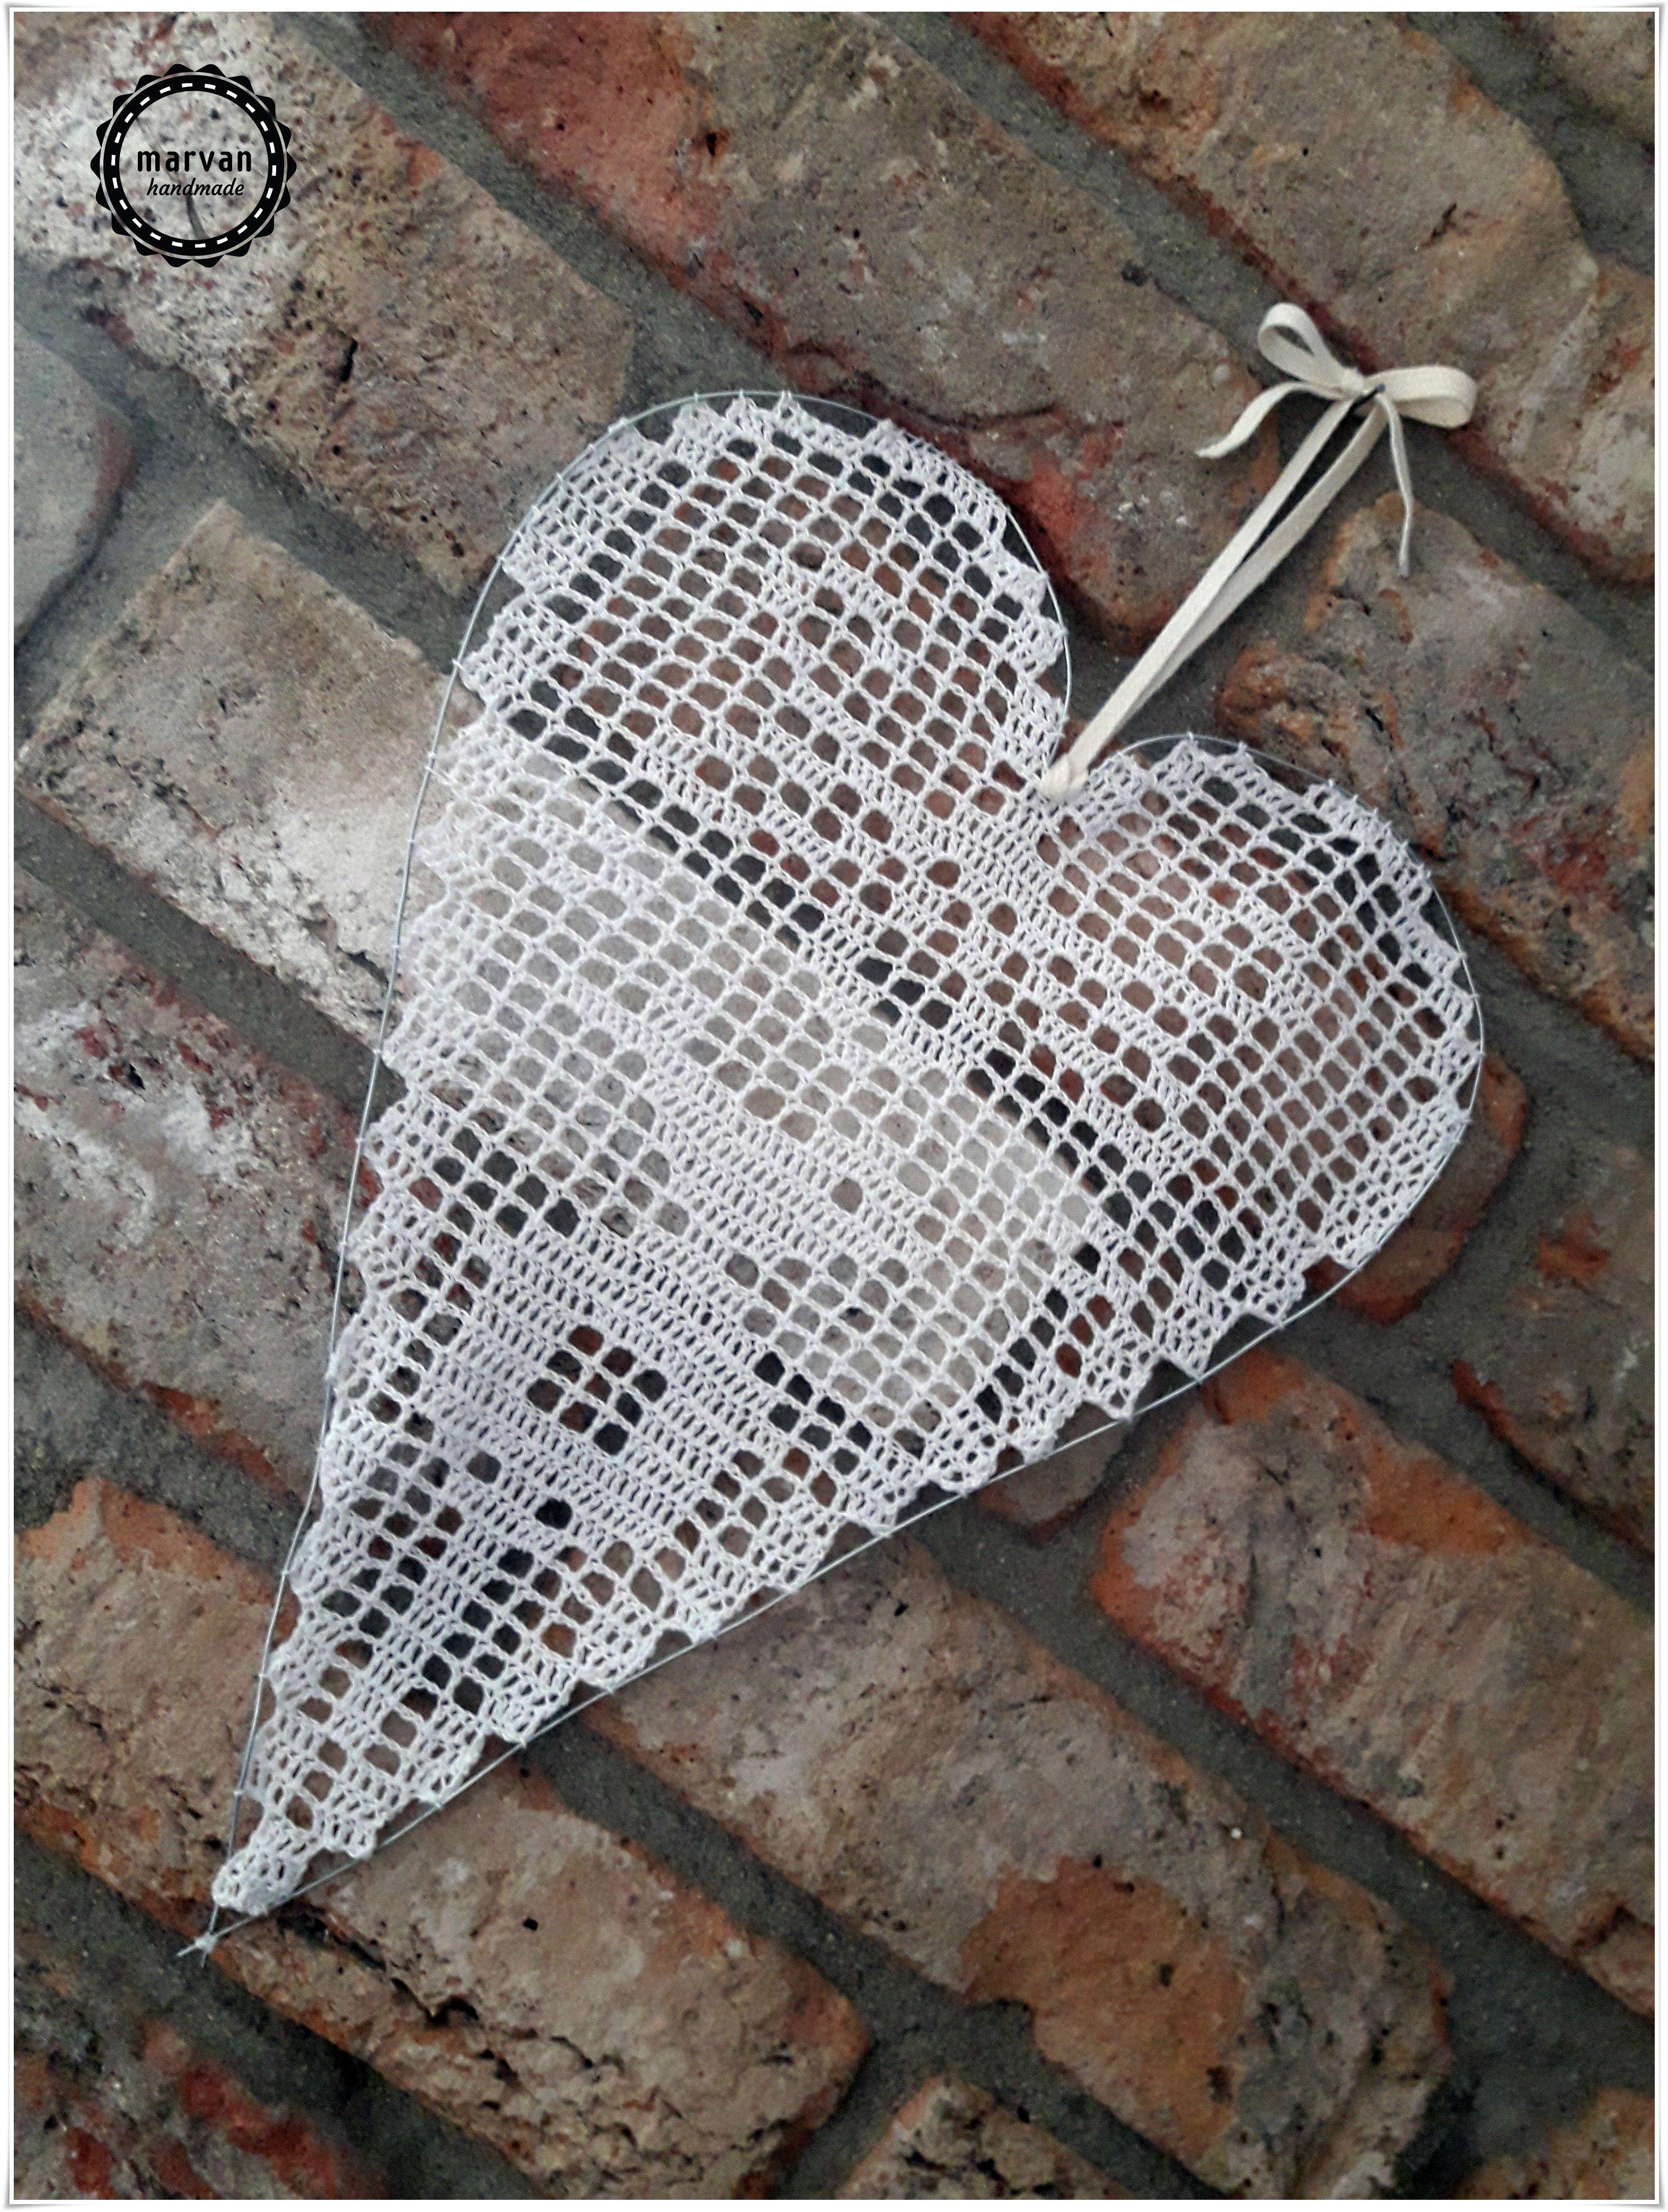 Filetove Srdiecko Filet Crochet Heart In 2020 Filet Crochet Crochet Crochet Heart